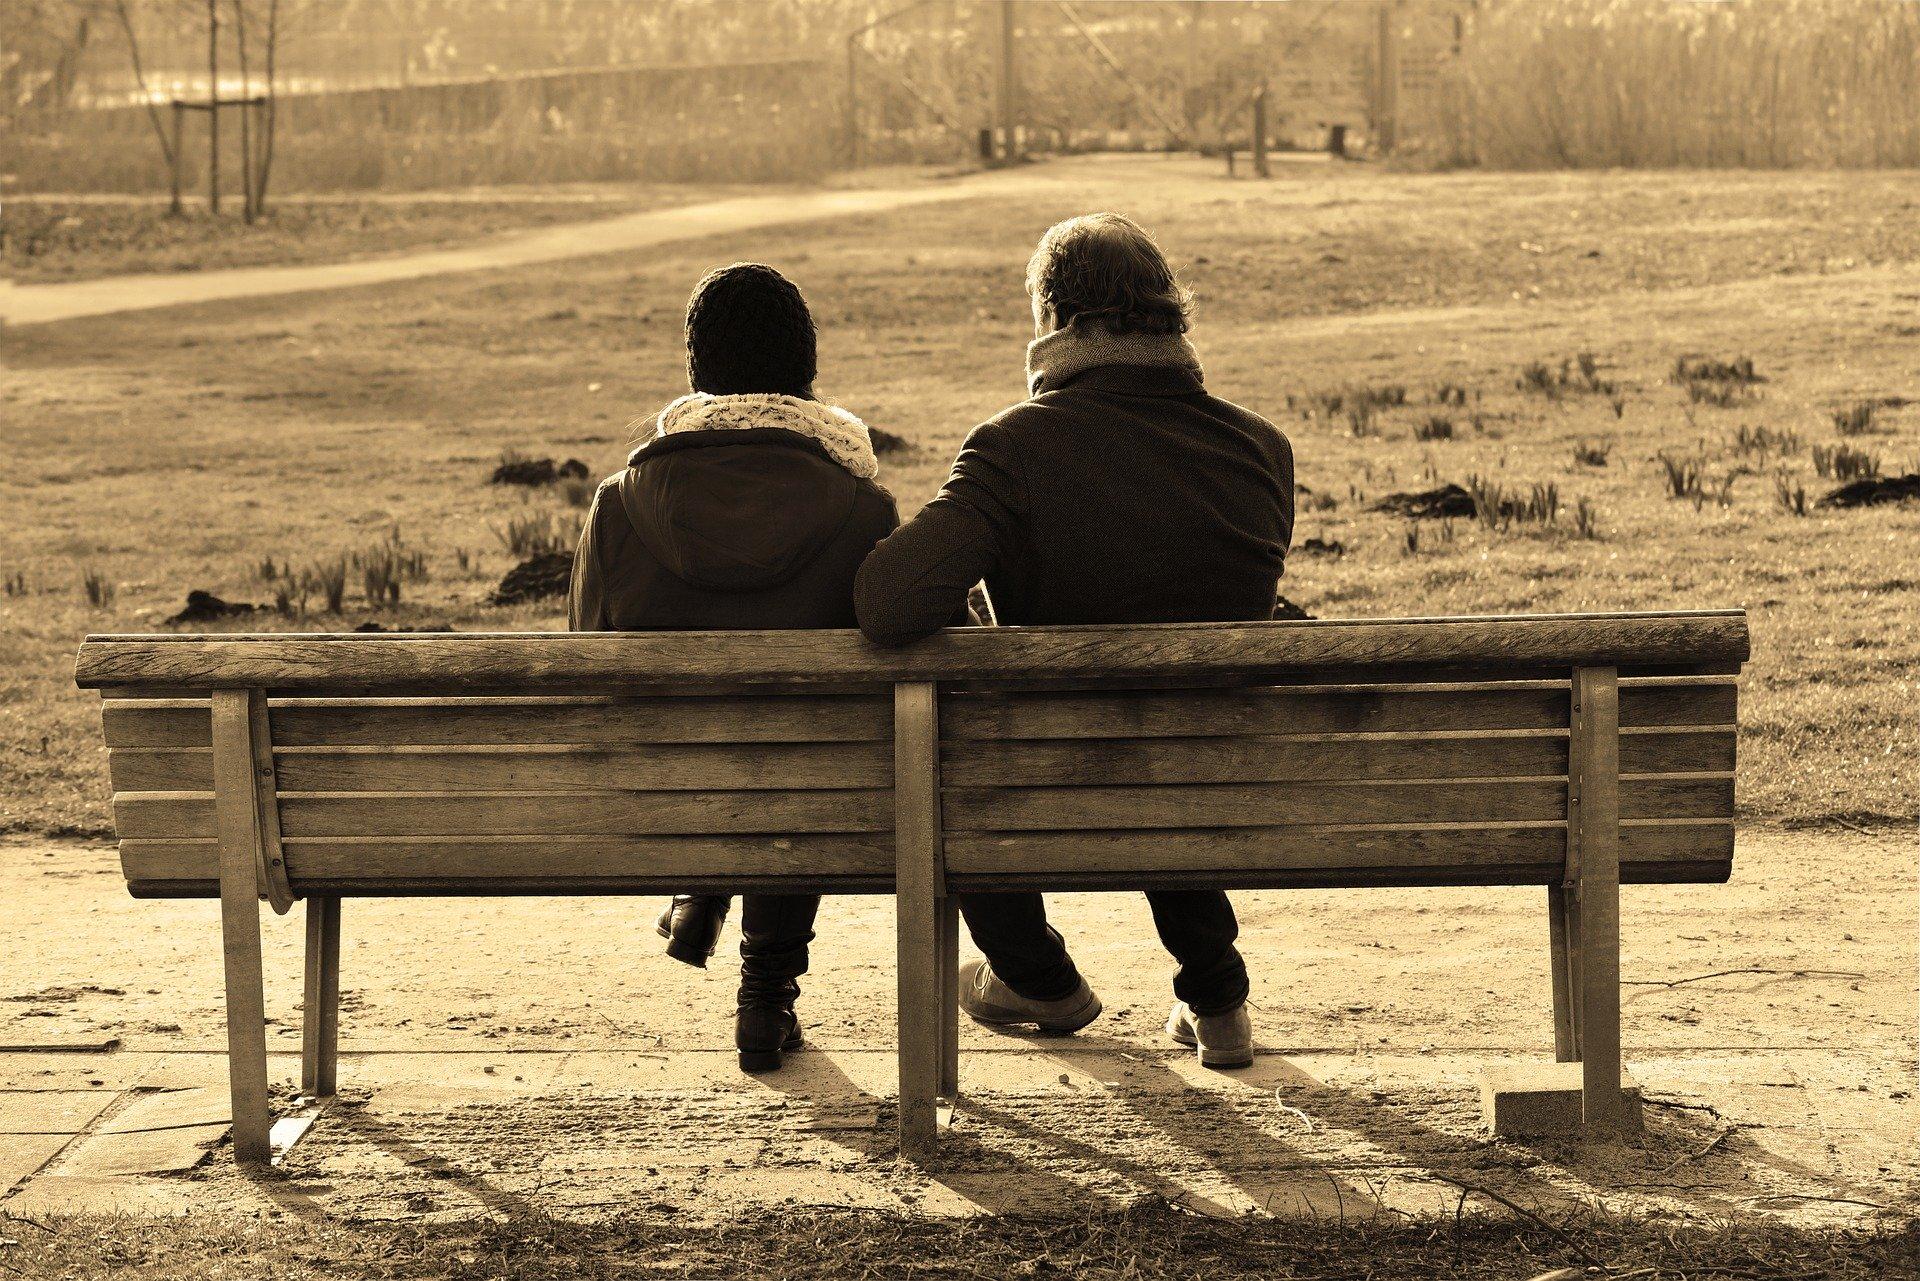 Wie erhalte ich die Beziehung und wachse daran?